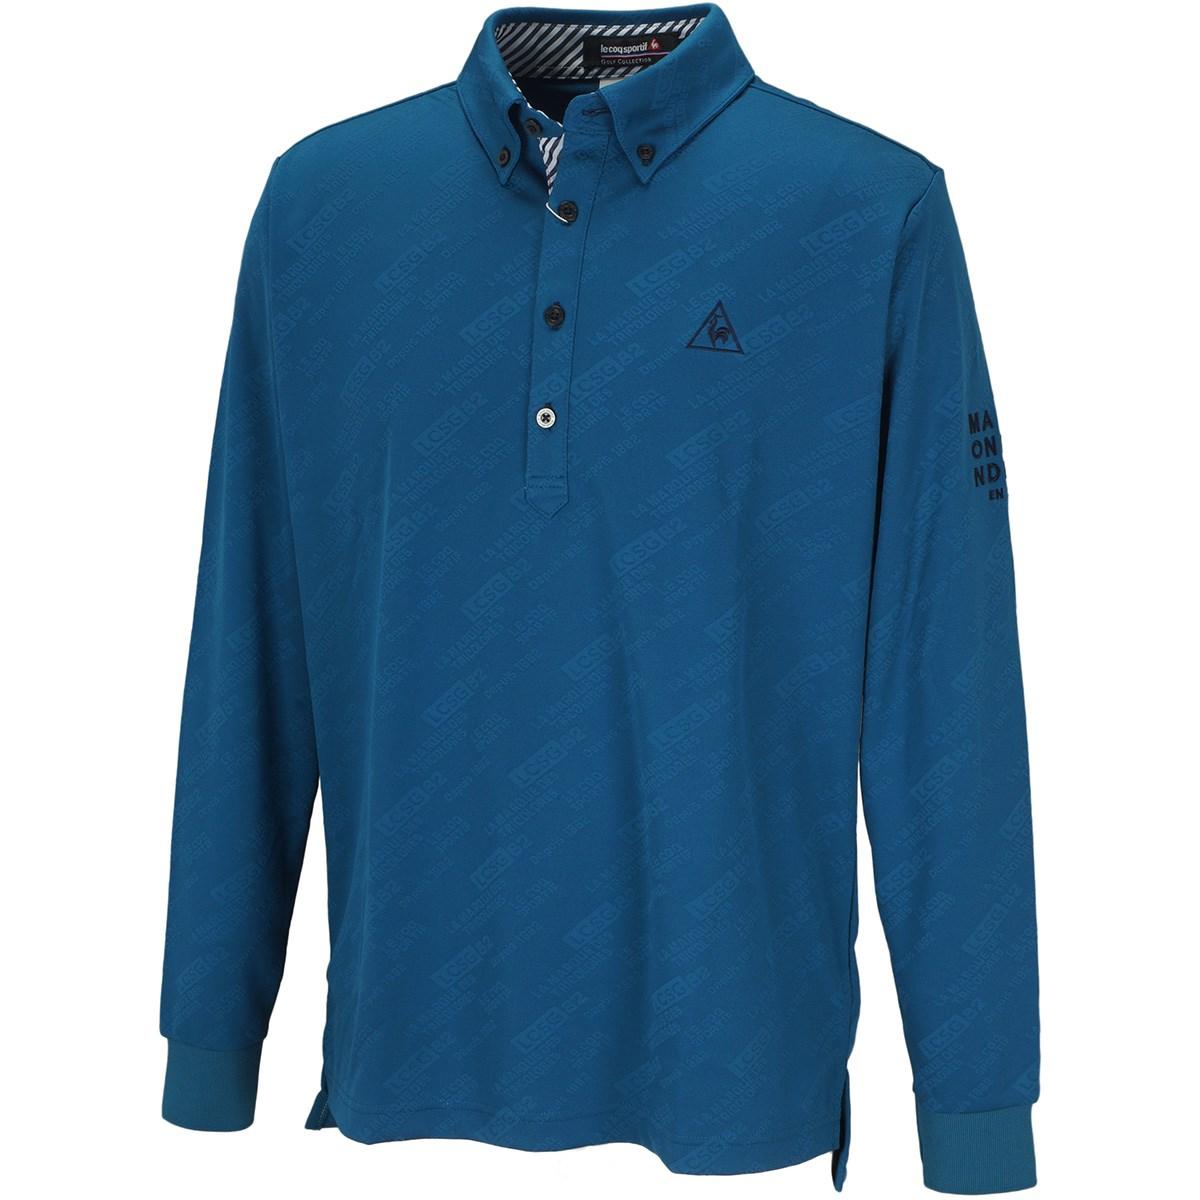 ルコックゴルフ Le coq sportif GOLF グラフィックジャカード長袖ポロシャツ LL ブルー 00